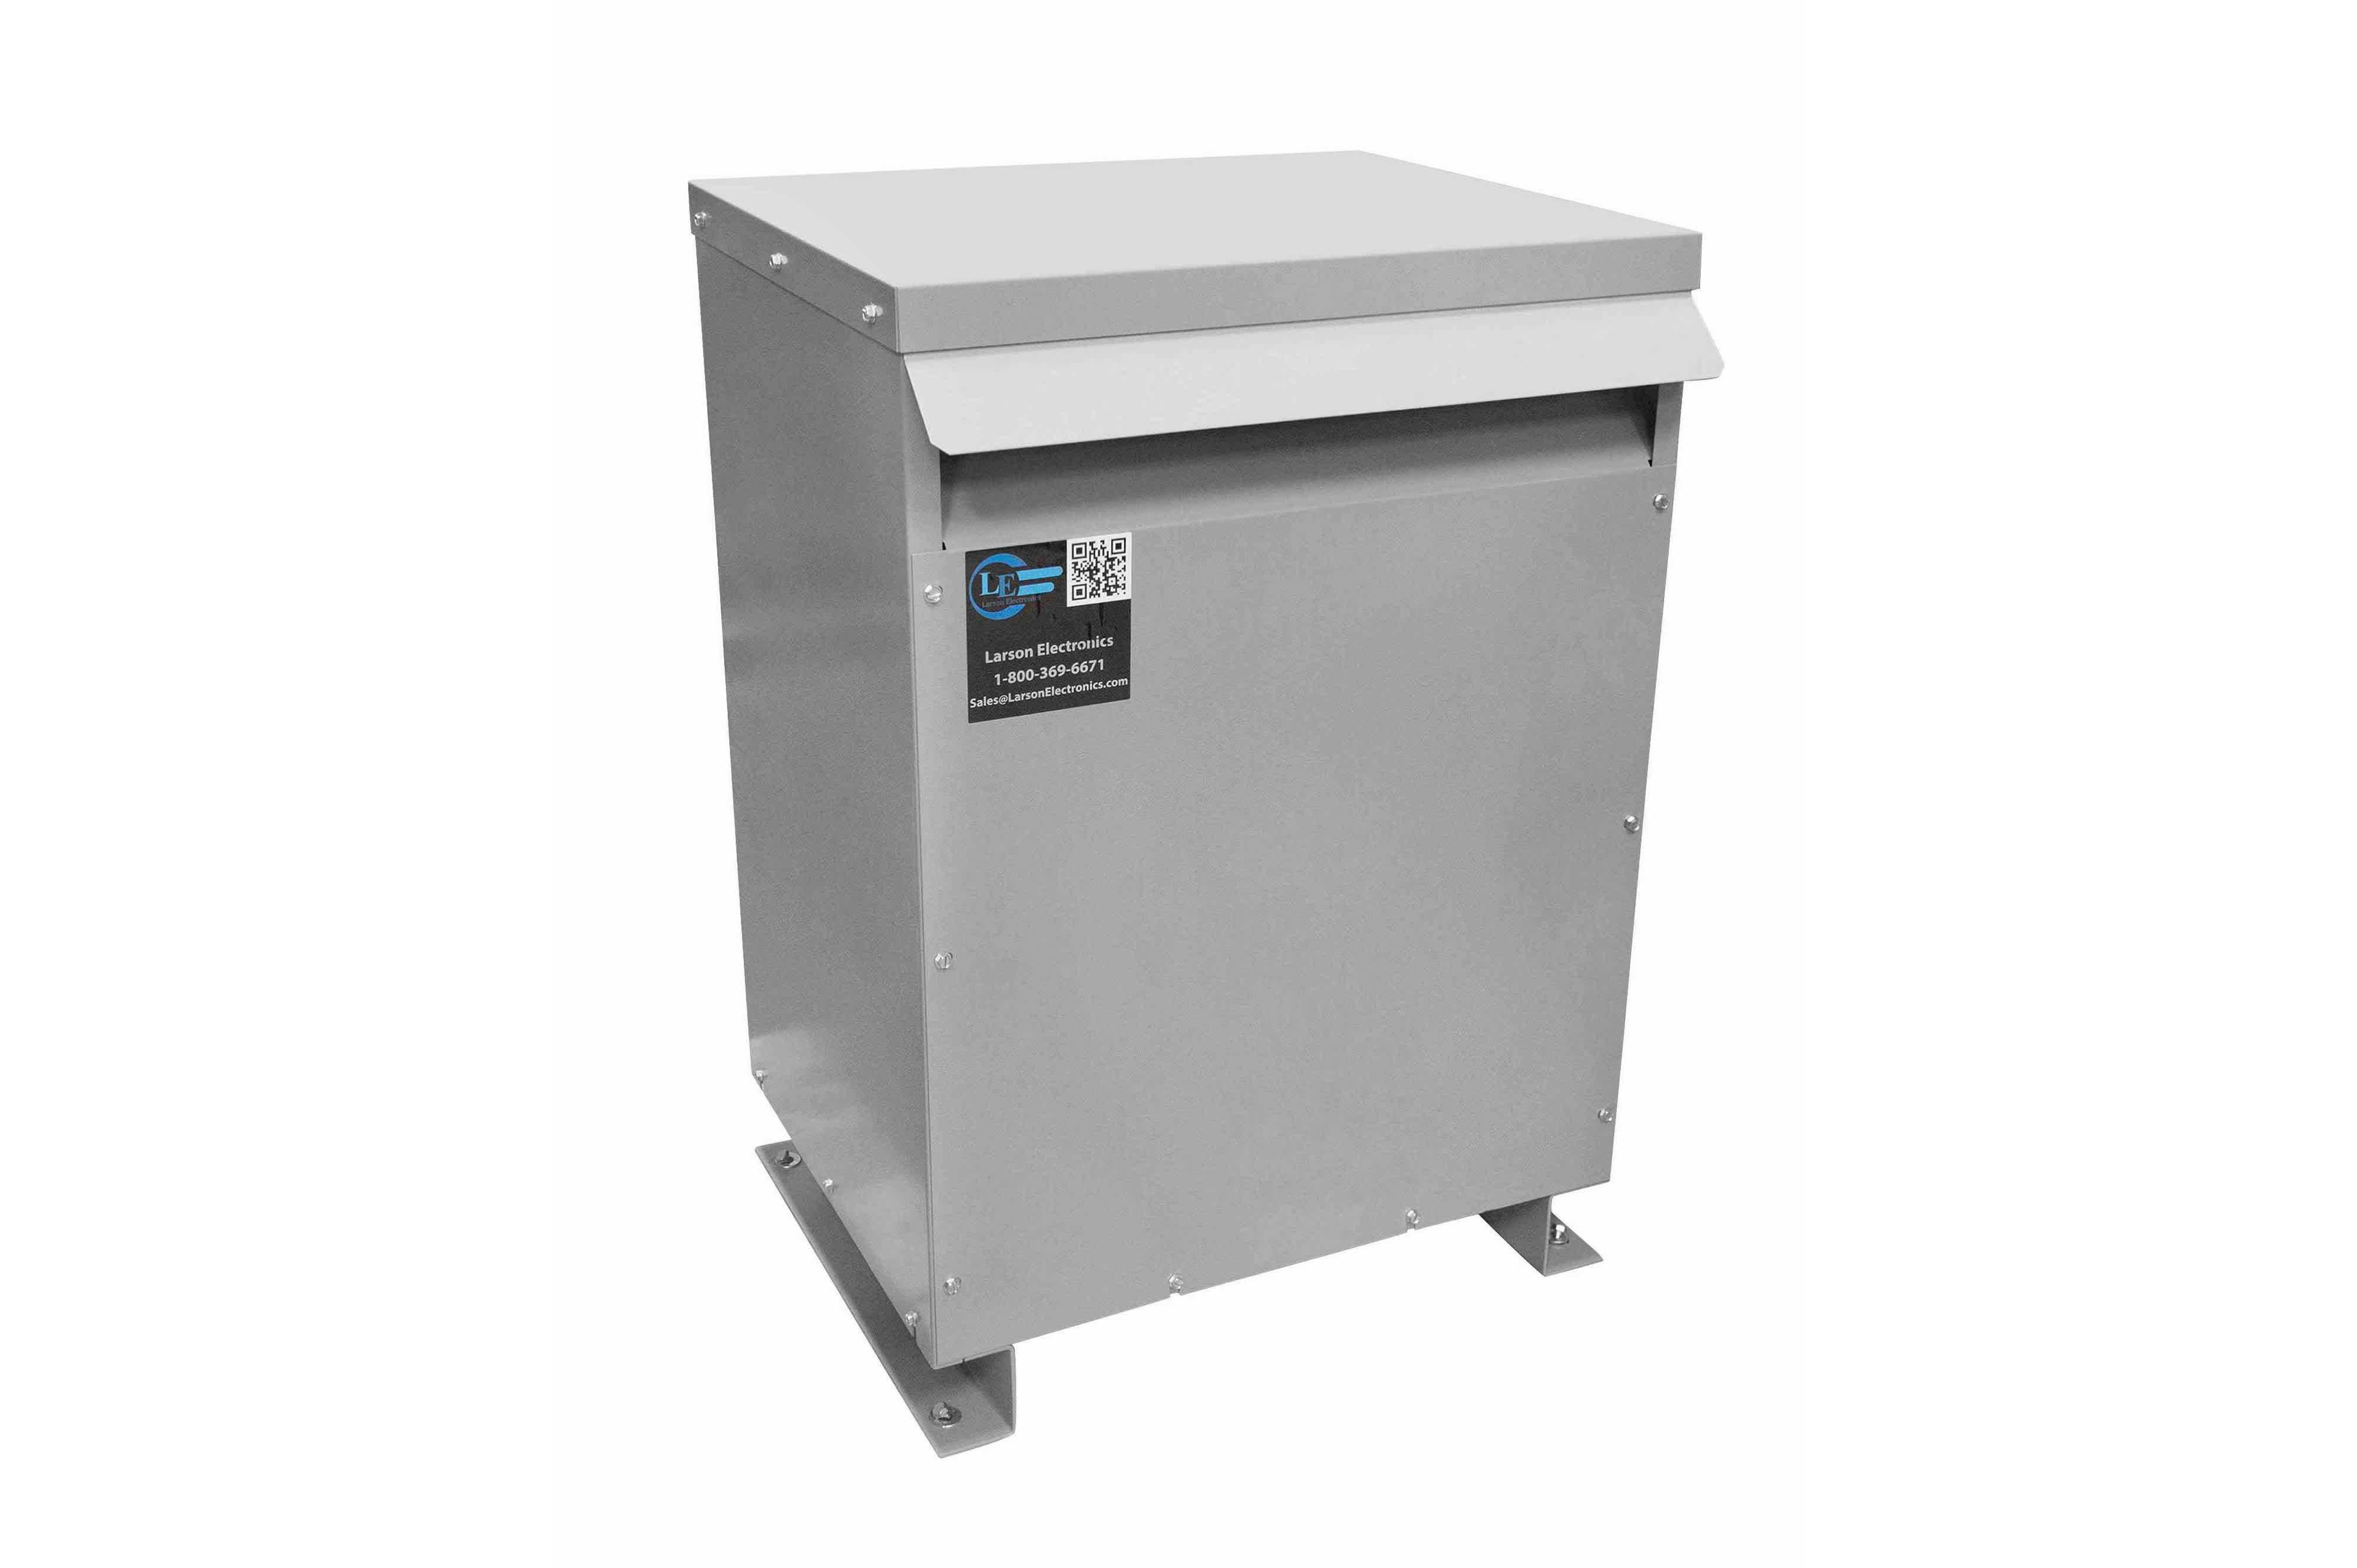 700 kVA 3PH Isolation Transformer, 575V Delta Primary, 208V Delta Secondary, N3R, Ventilated, 60 Hz